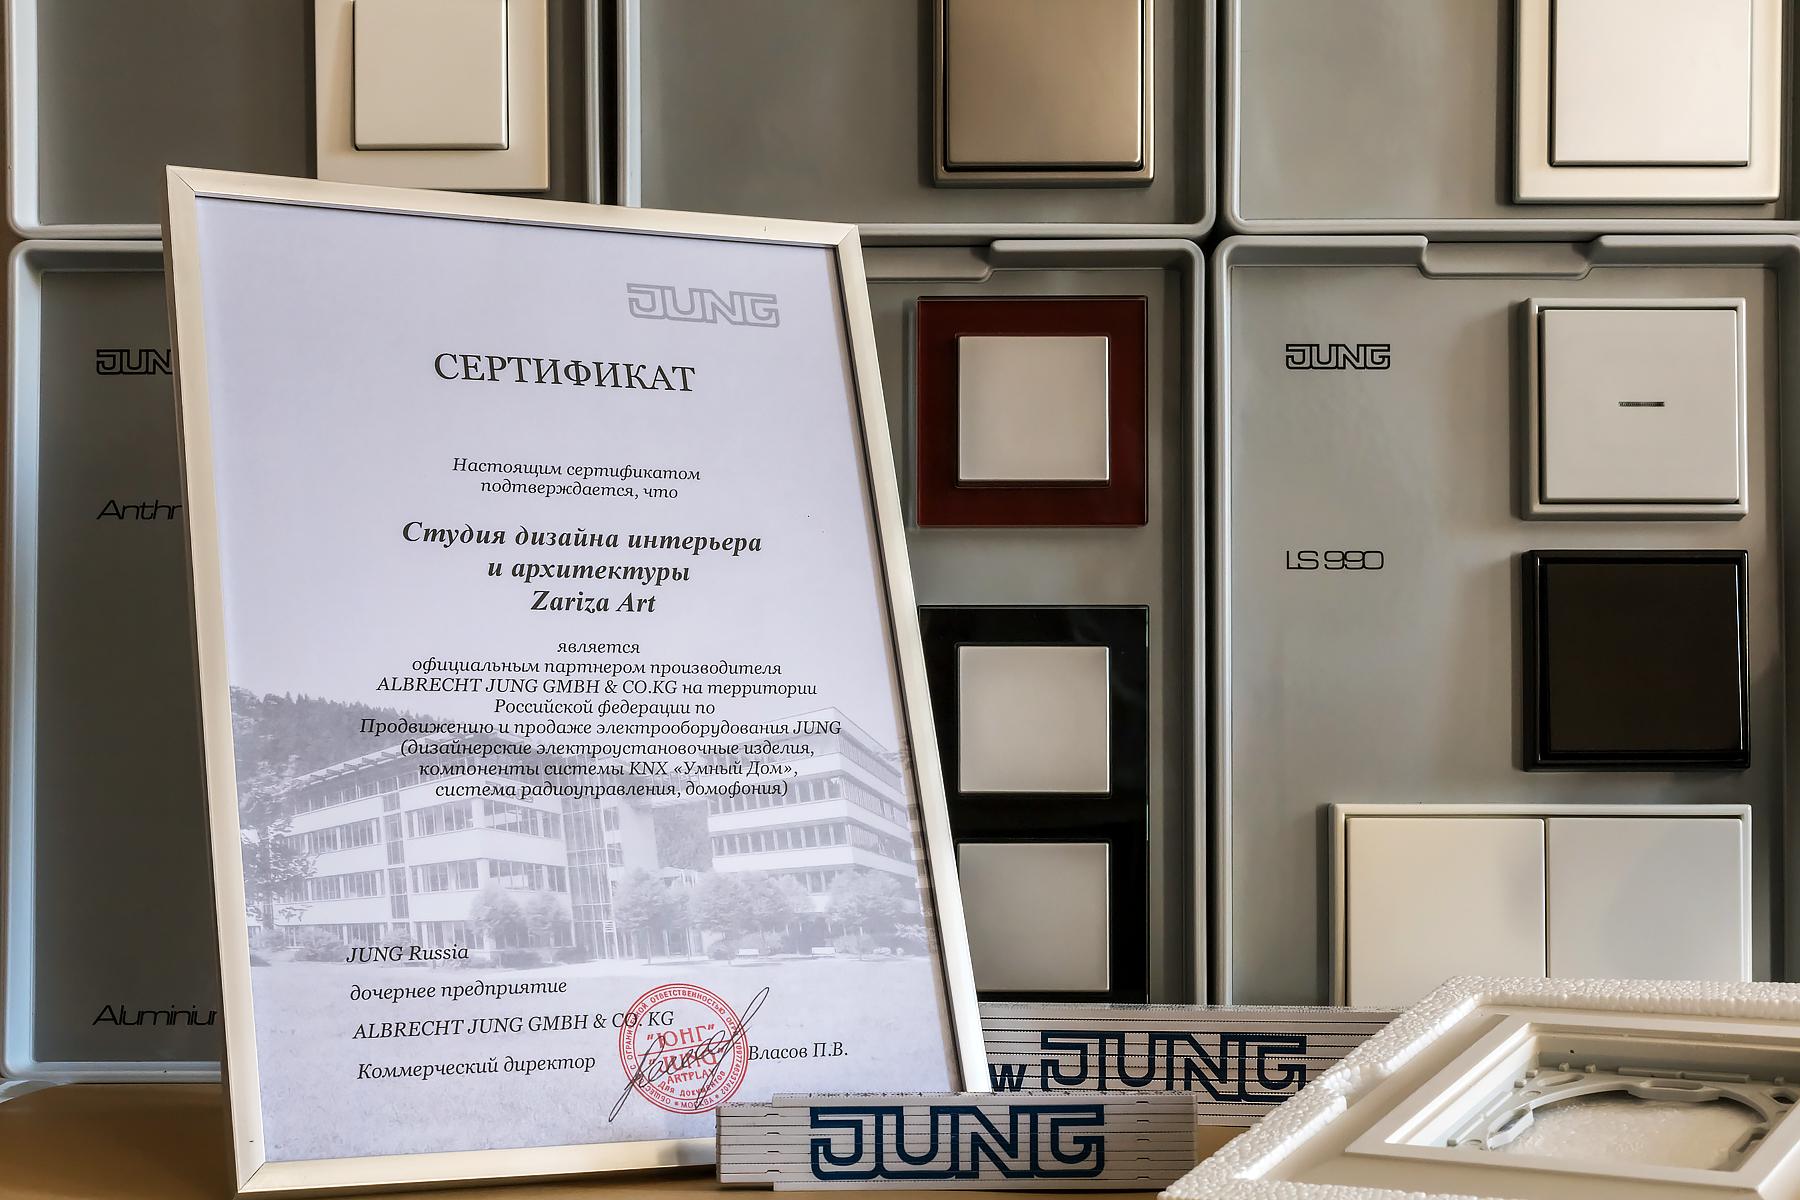 сертификат jung